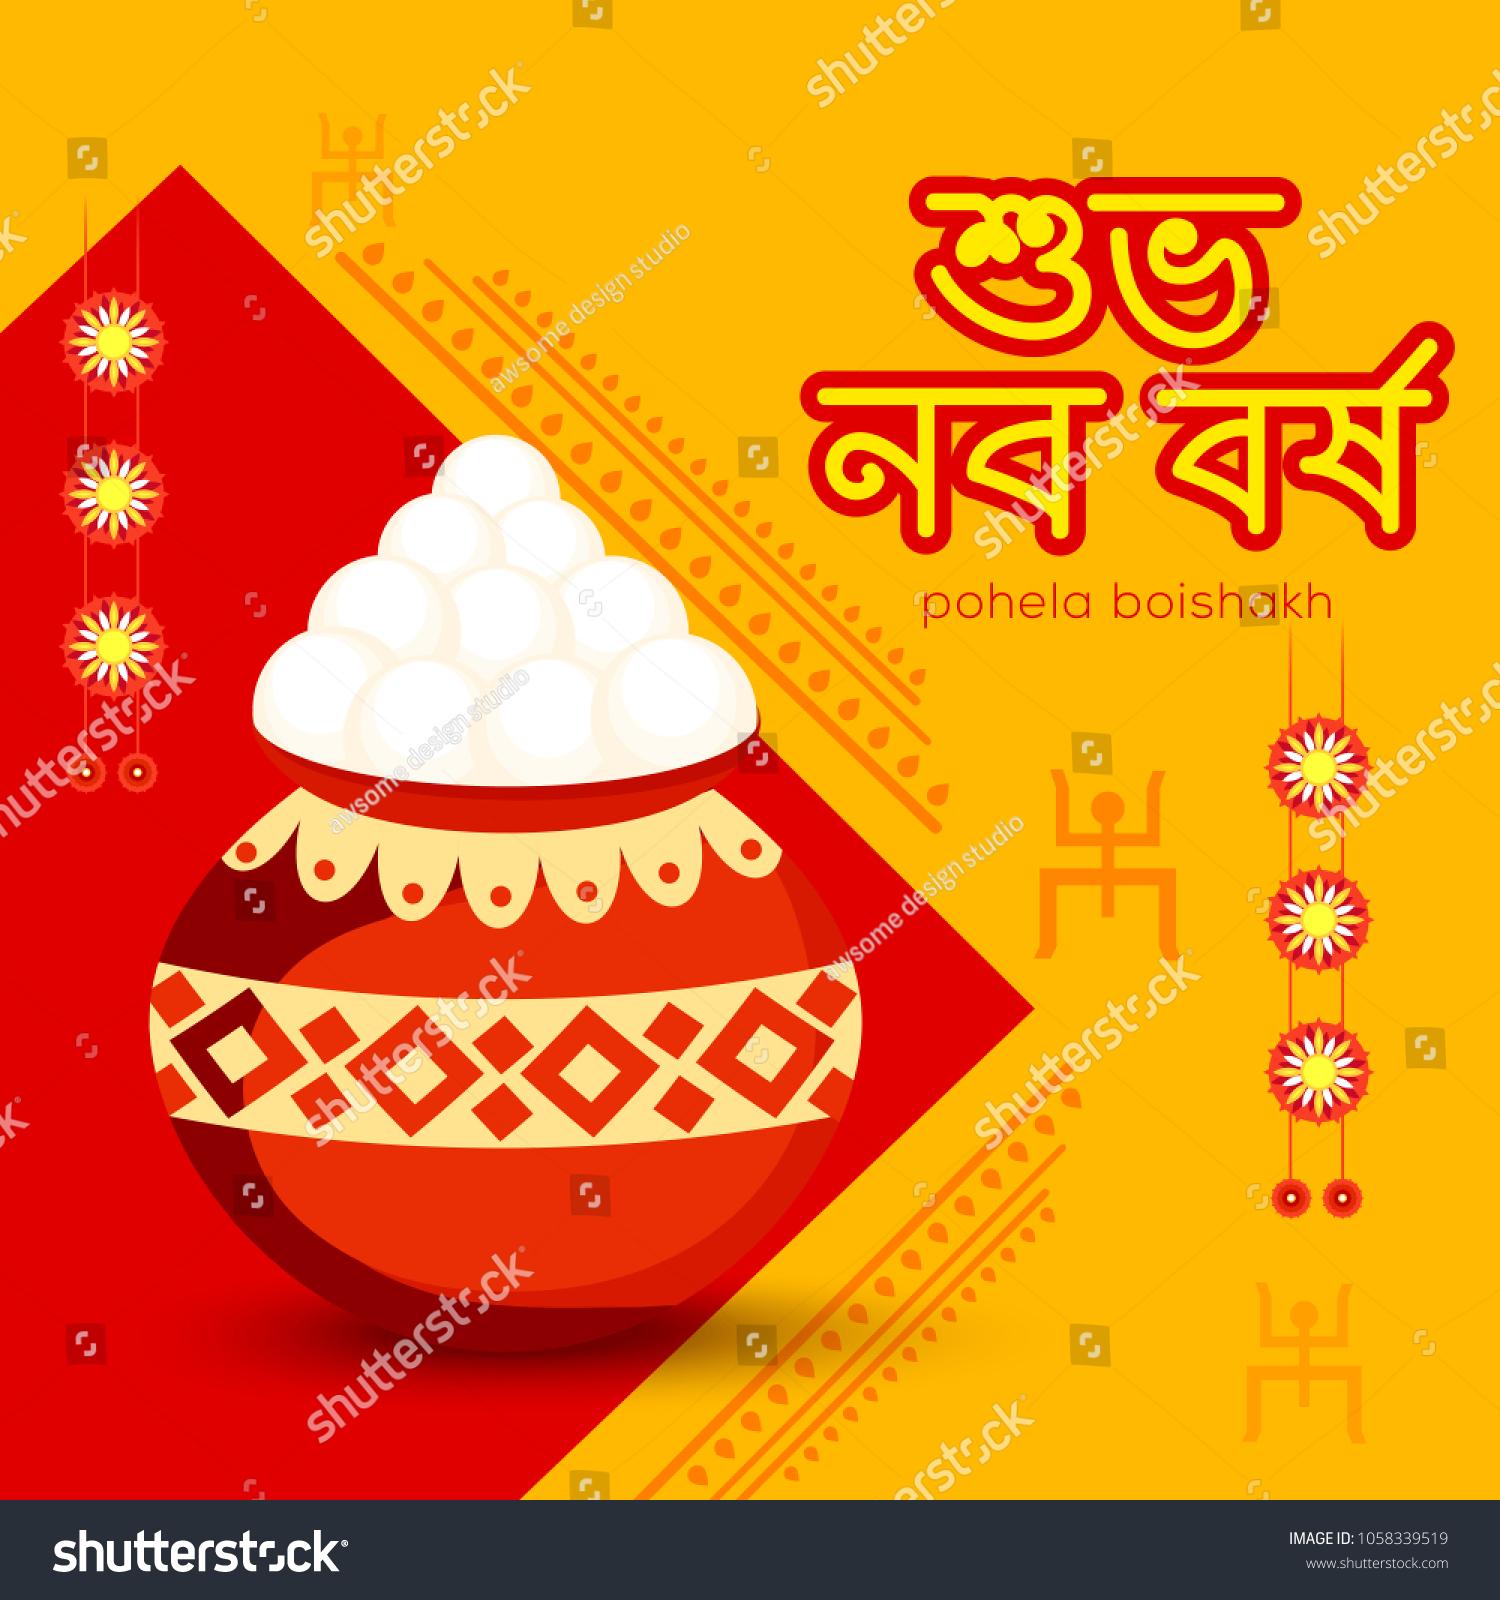 Illustration bengali new year pohela boishakh stock vector illustration of bengali new year pohela boishakh greeting card background m4hsunfo